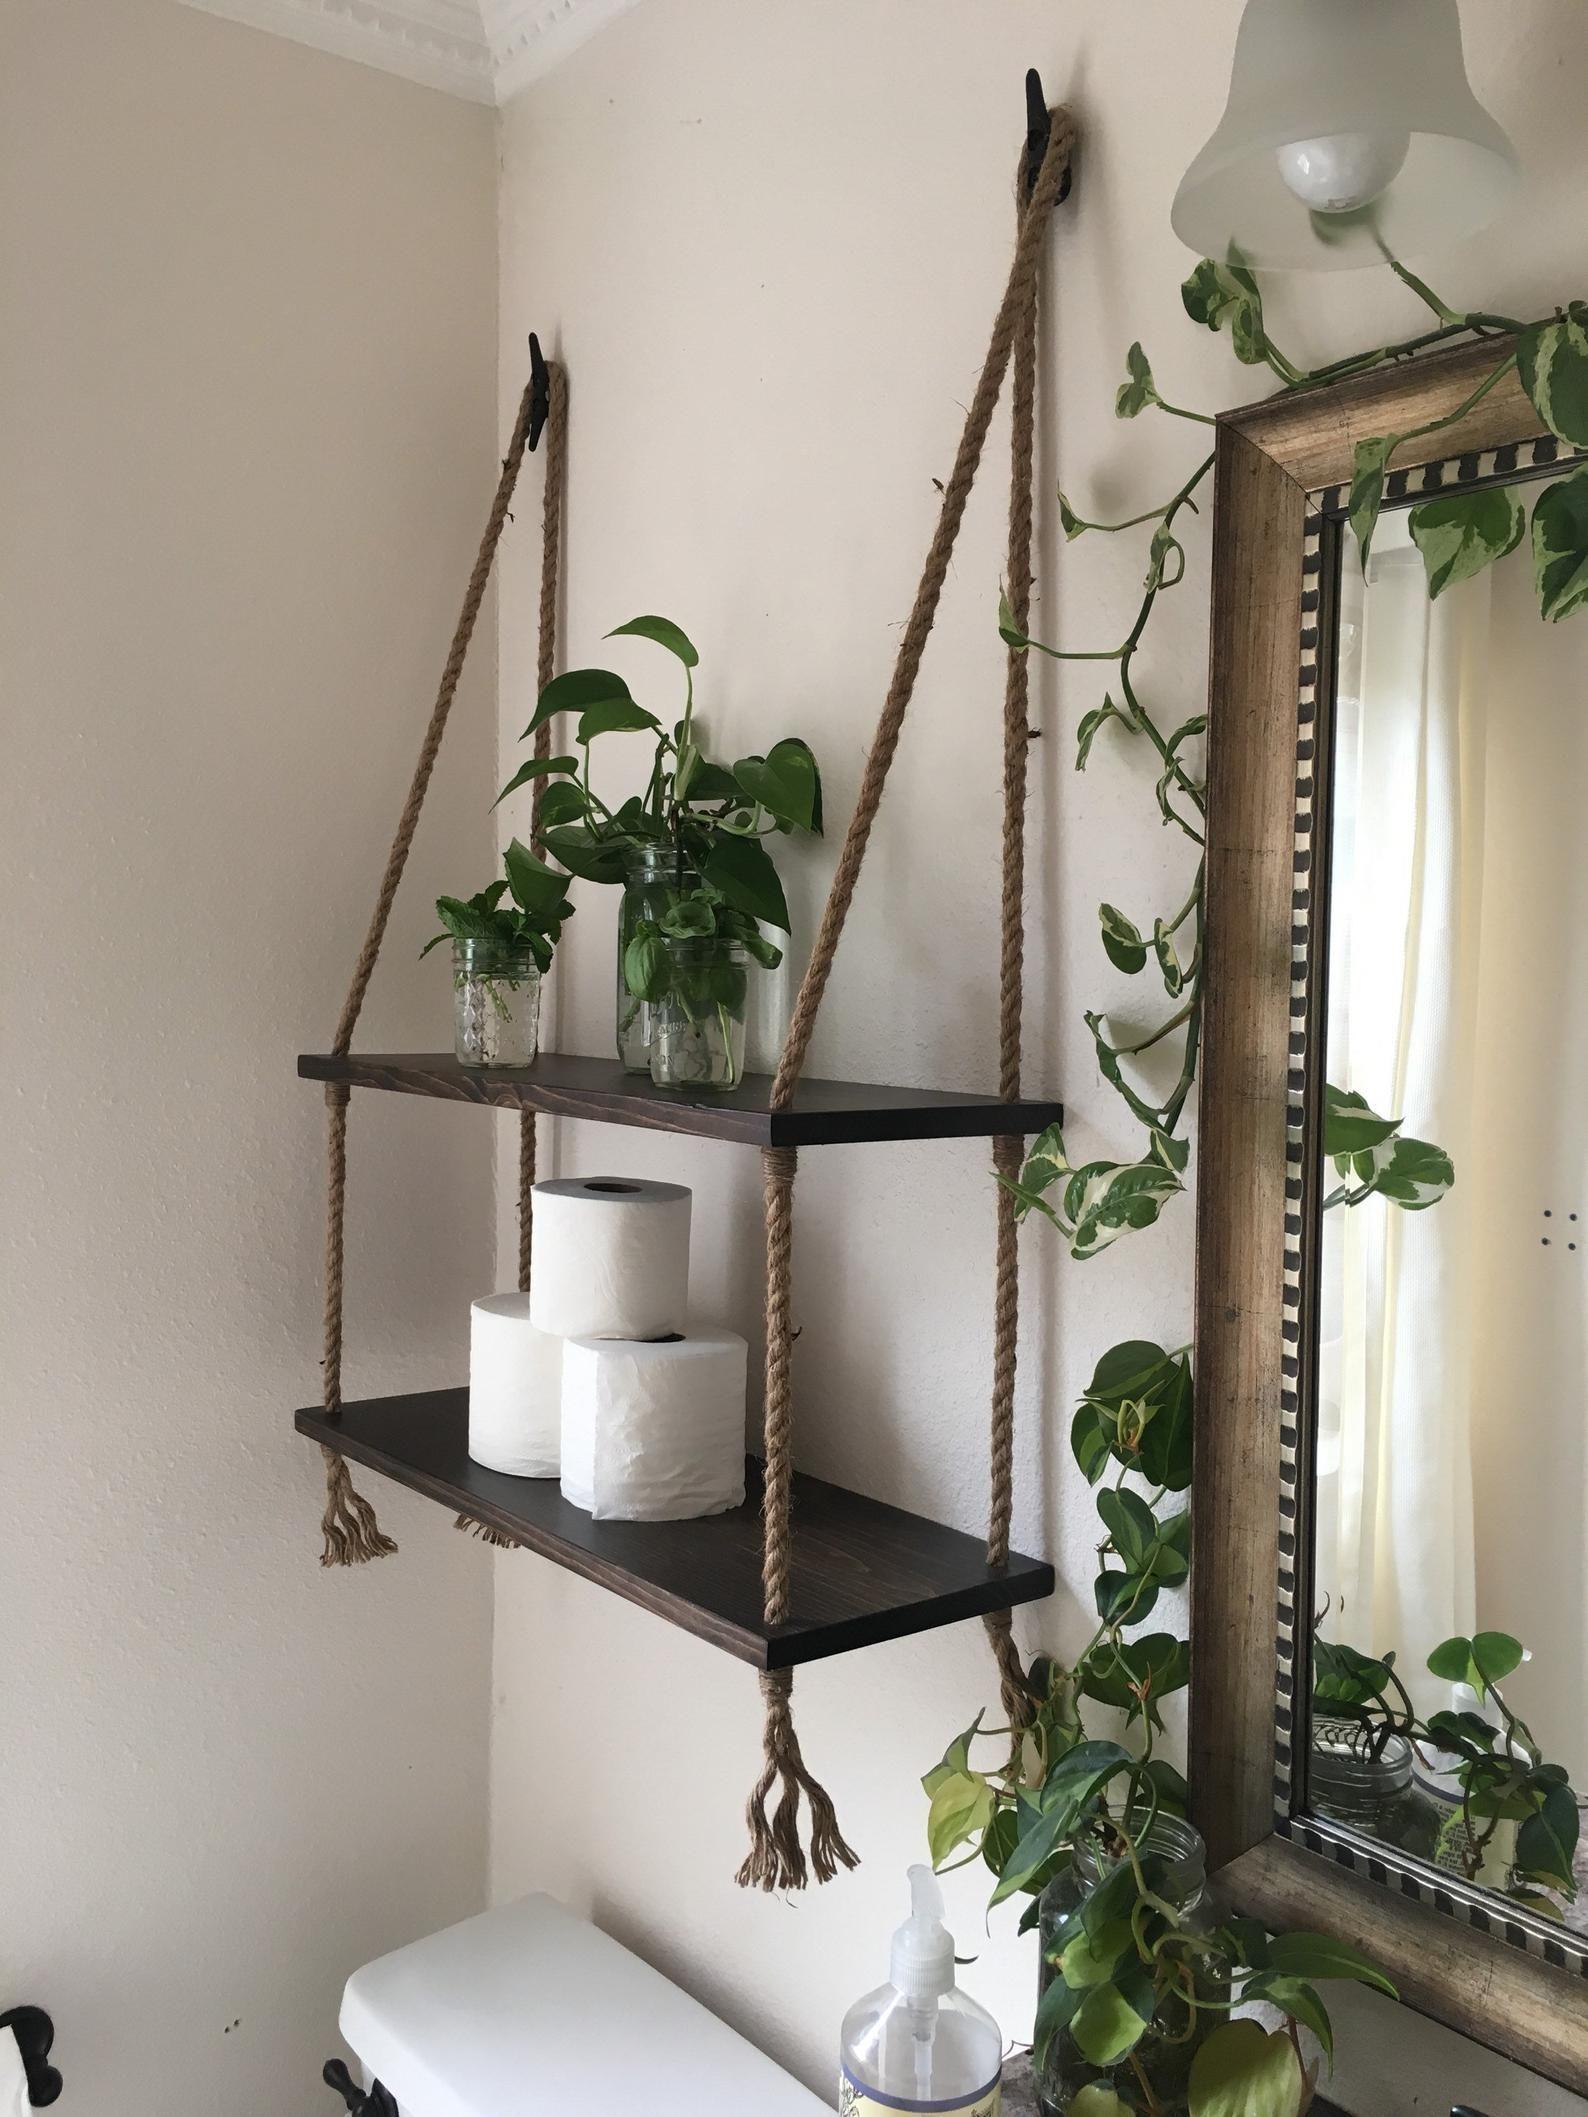 Articles similaires à Bois et corde suspendu étagères en Expresso tache – salle de bains étagères – petite salle de bain rangement – entrée façon étagères-séjour chambre étagères sur Etsy